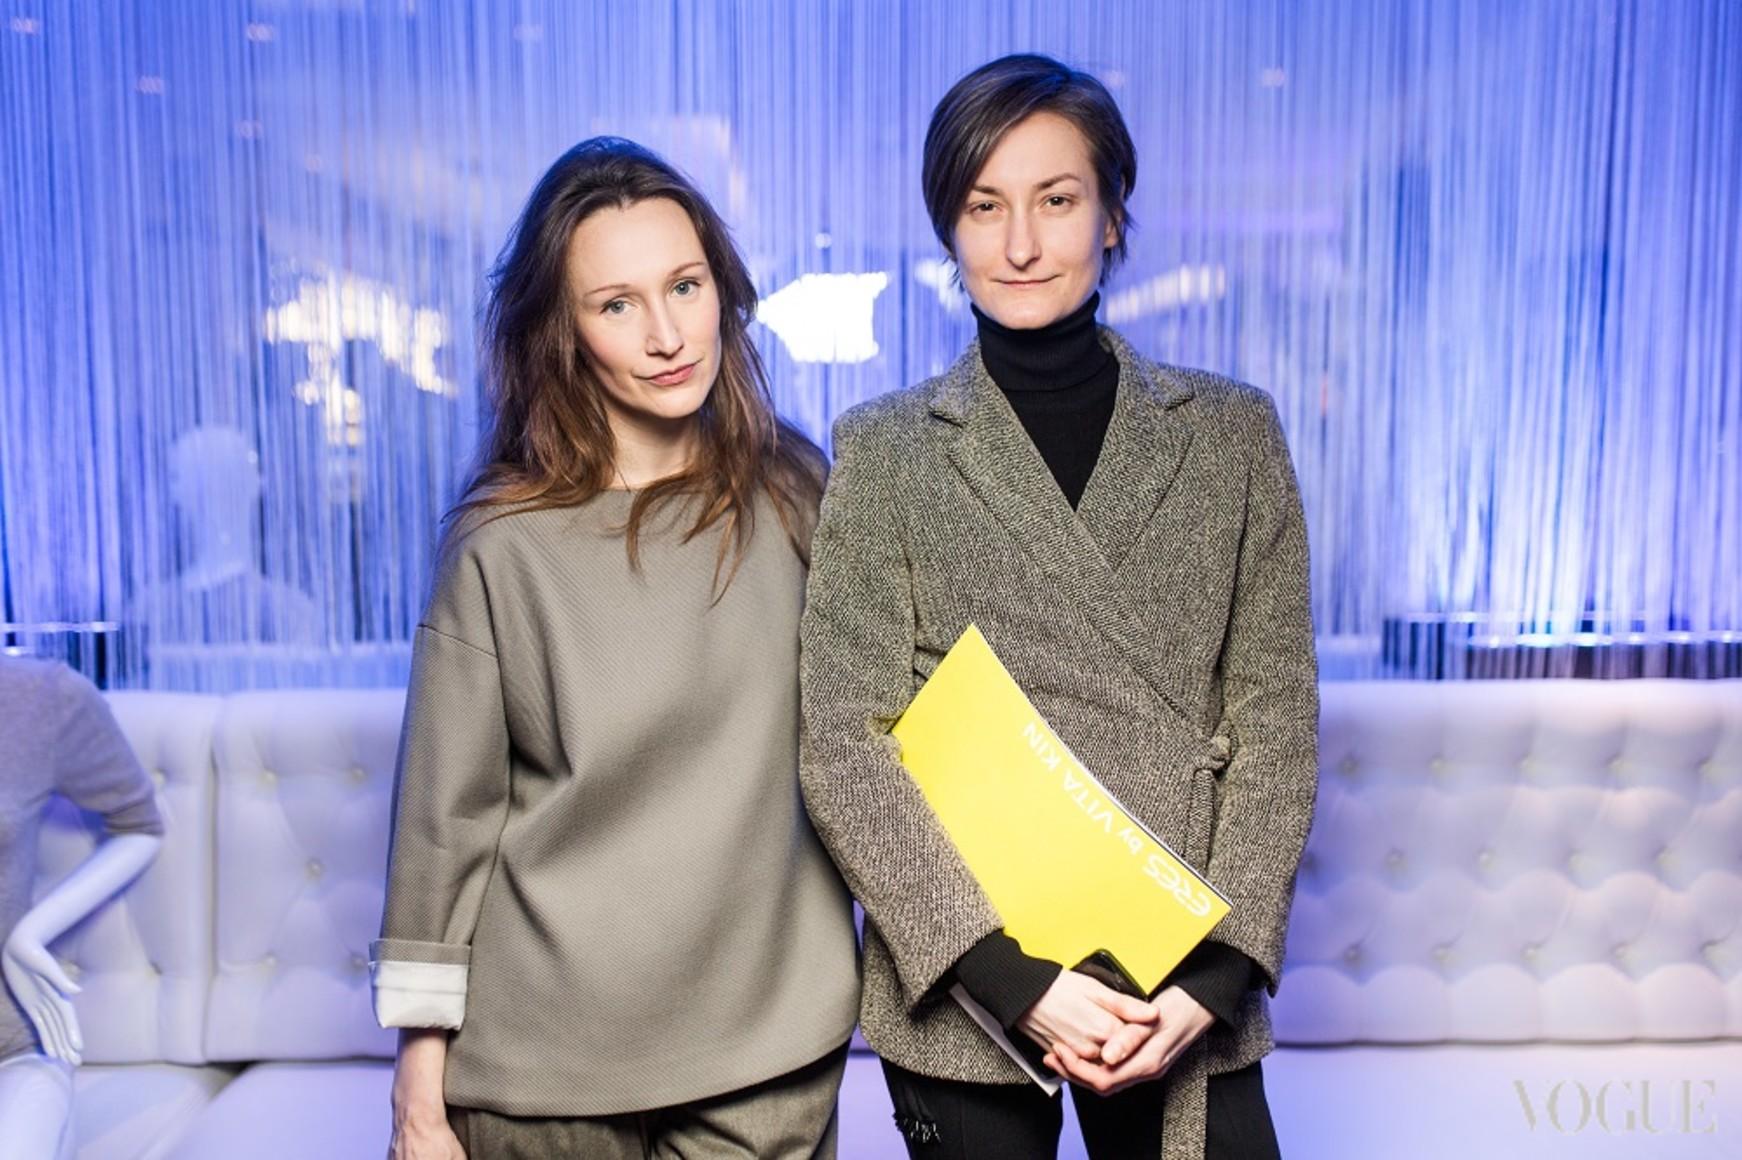 Василина Врублевская и Татьяна Соловей